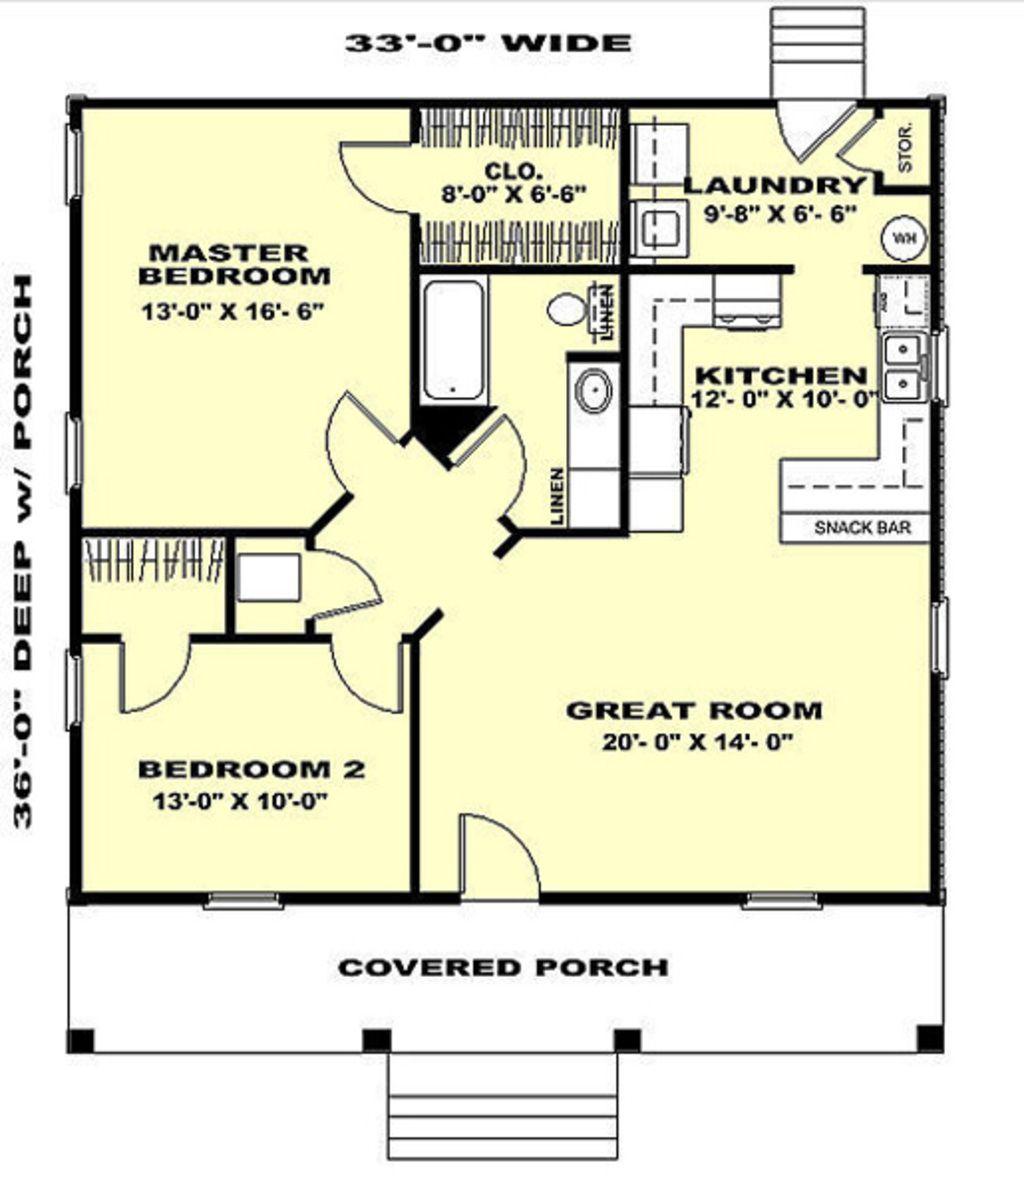 Kleines 2 schlafzimmer hausdesign cabin style house plan   beds  baths  sqft plan